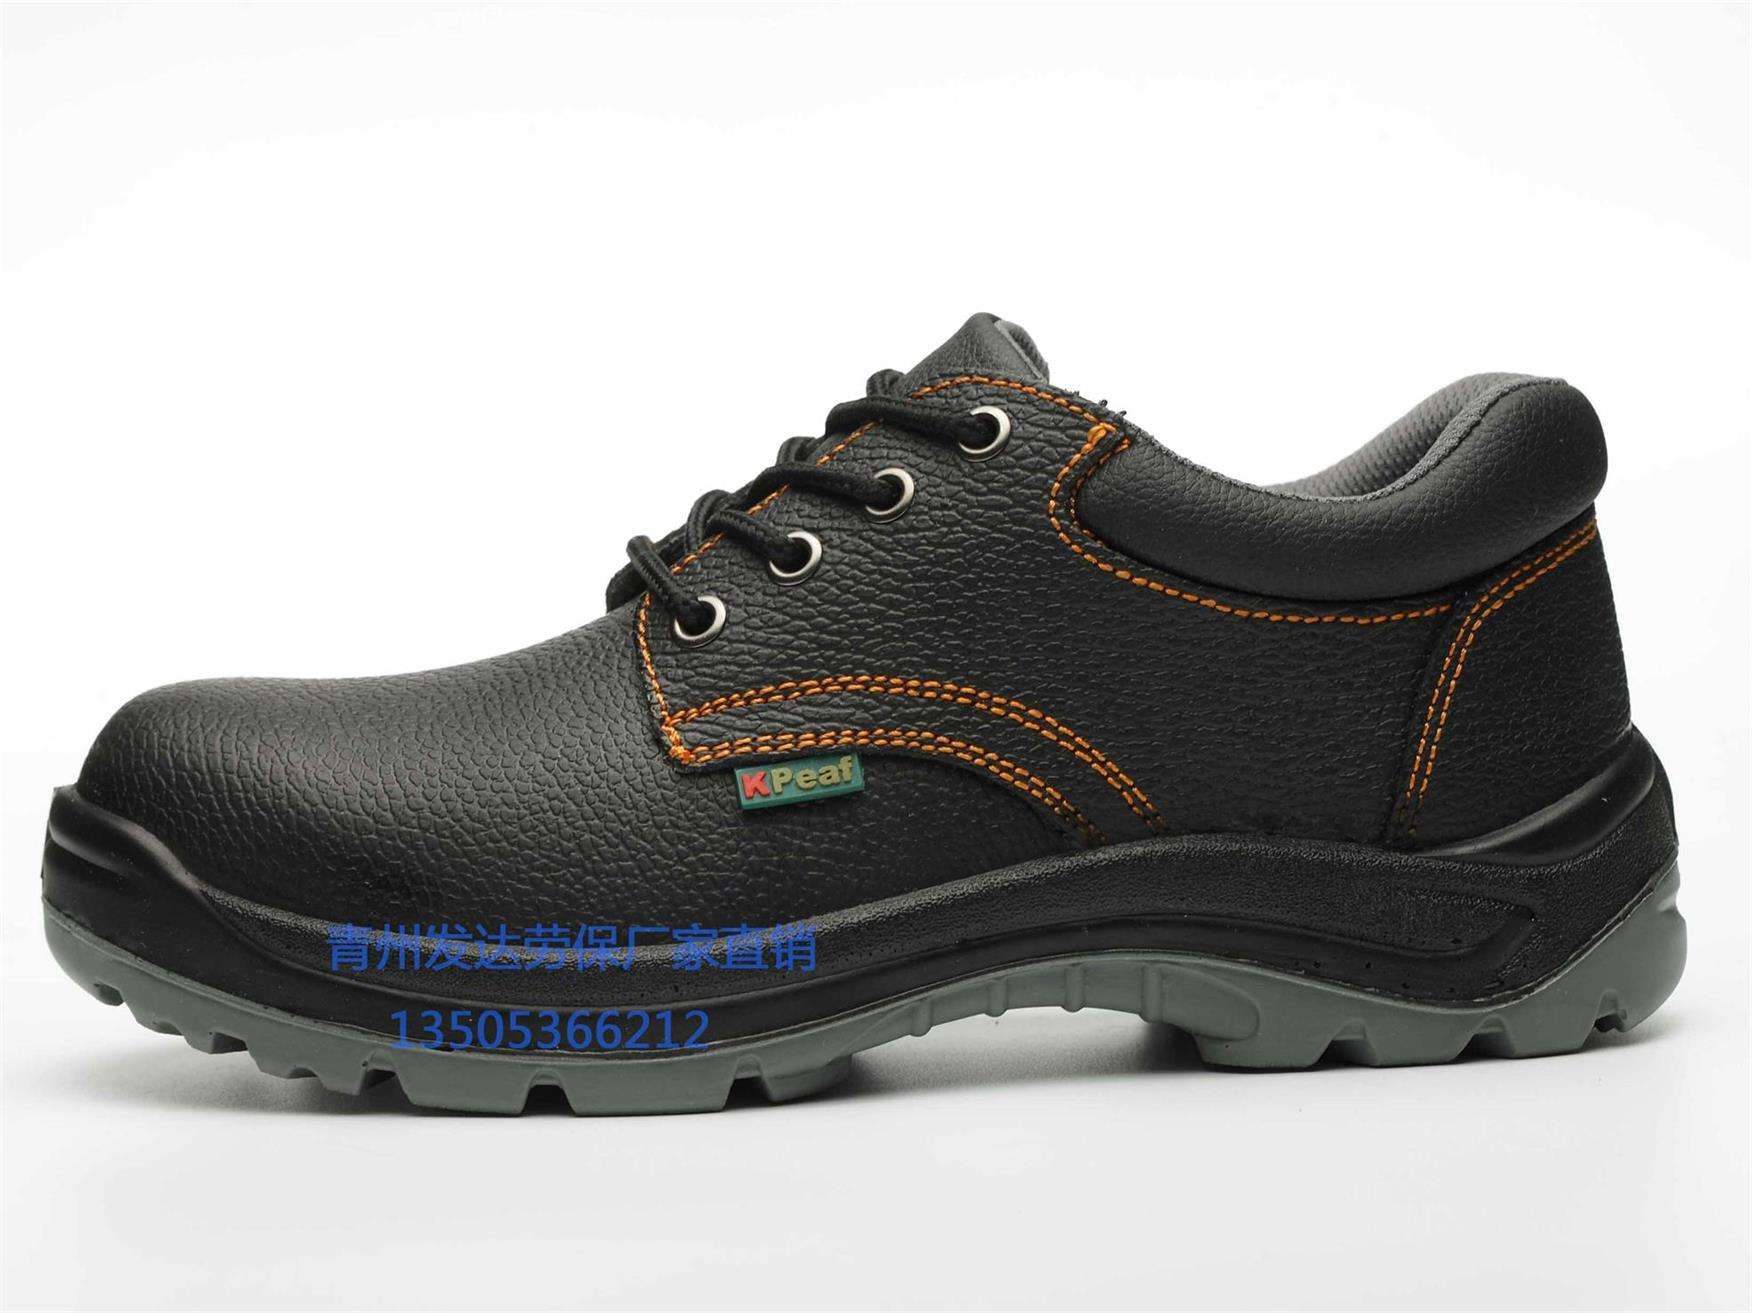 征雪安全鞋批發-發達勞保專業提供新款kpeaf安全鞋